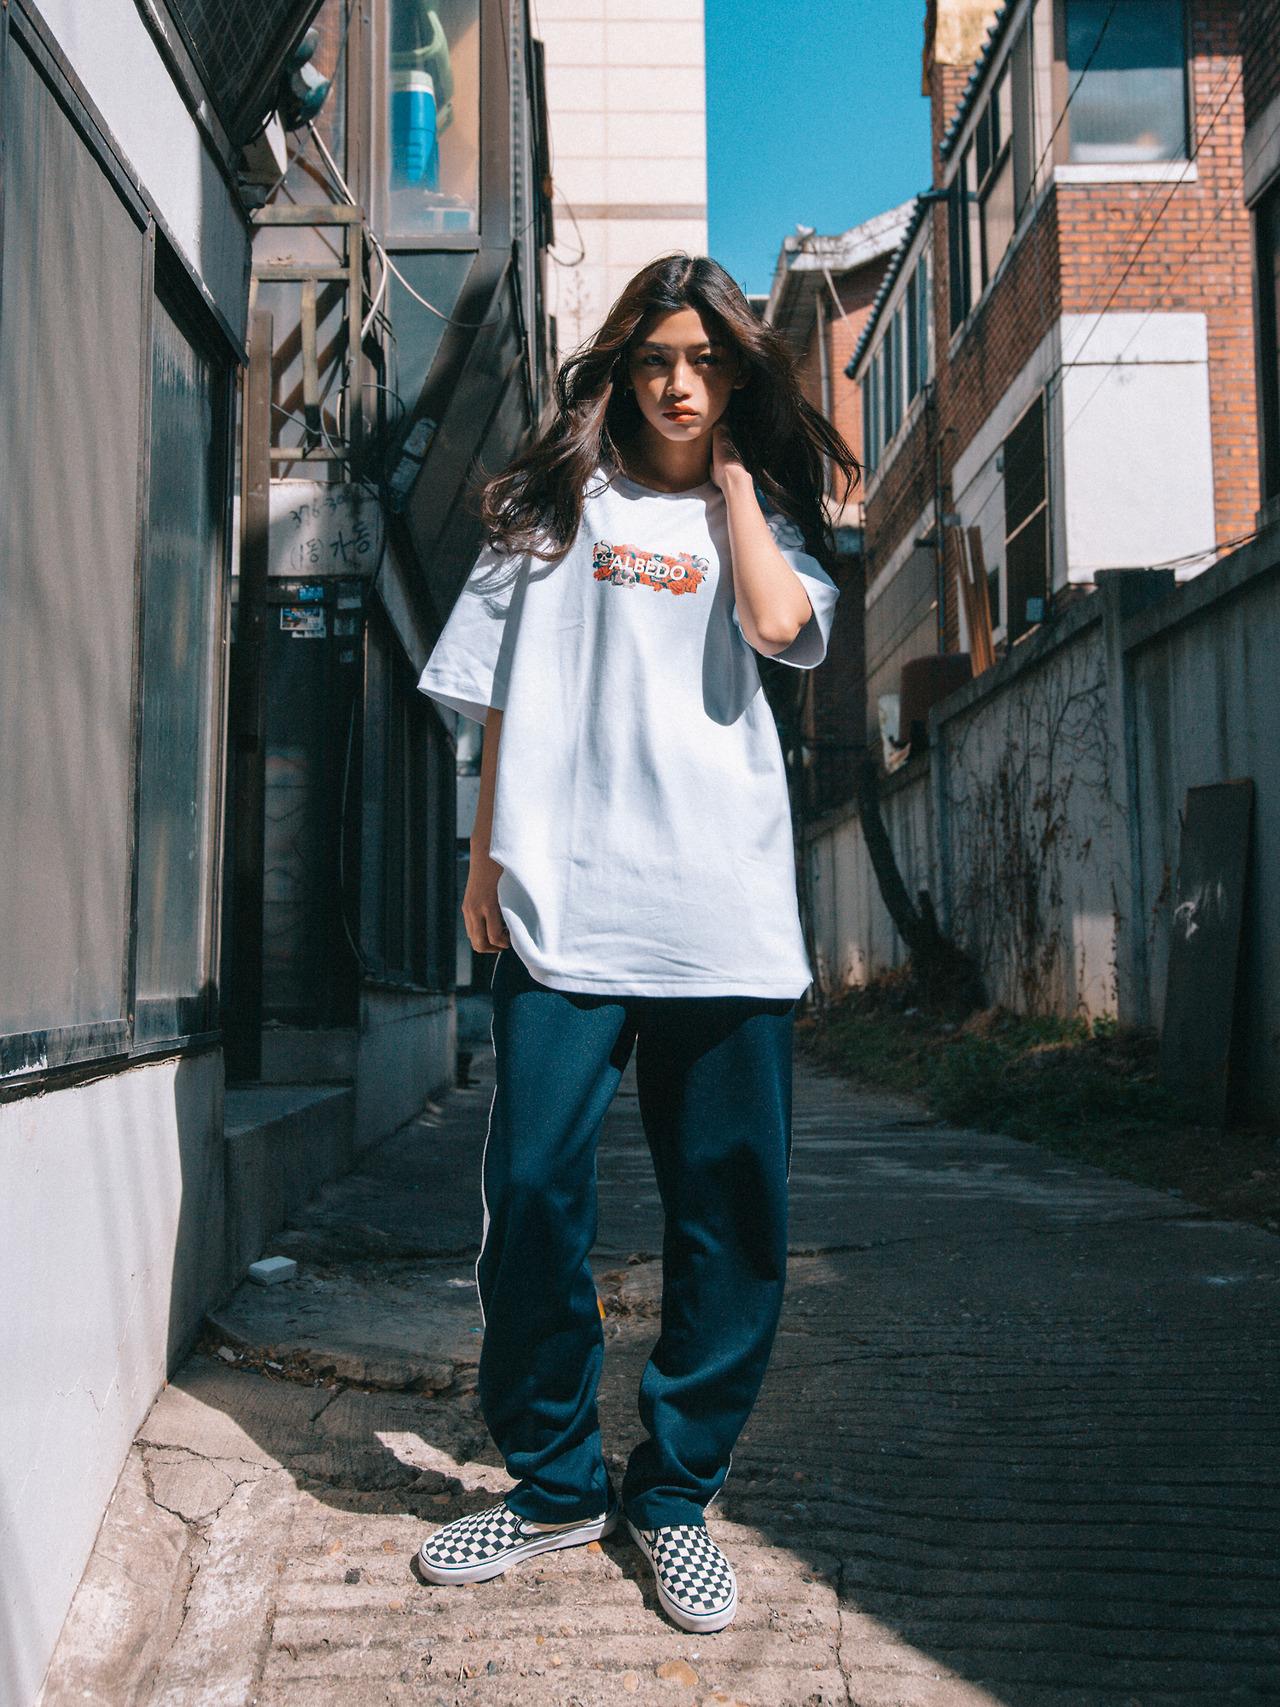 áo phông chữ quần jeans